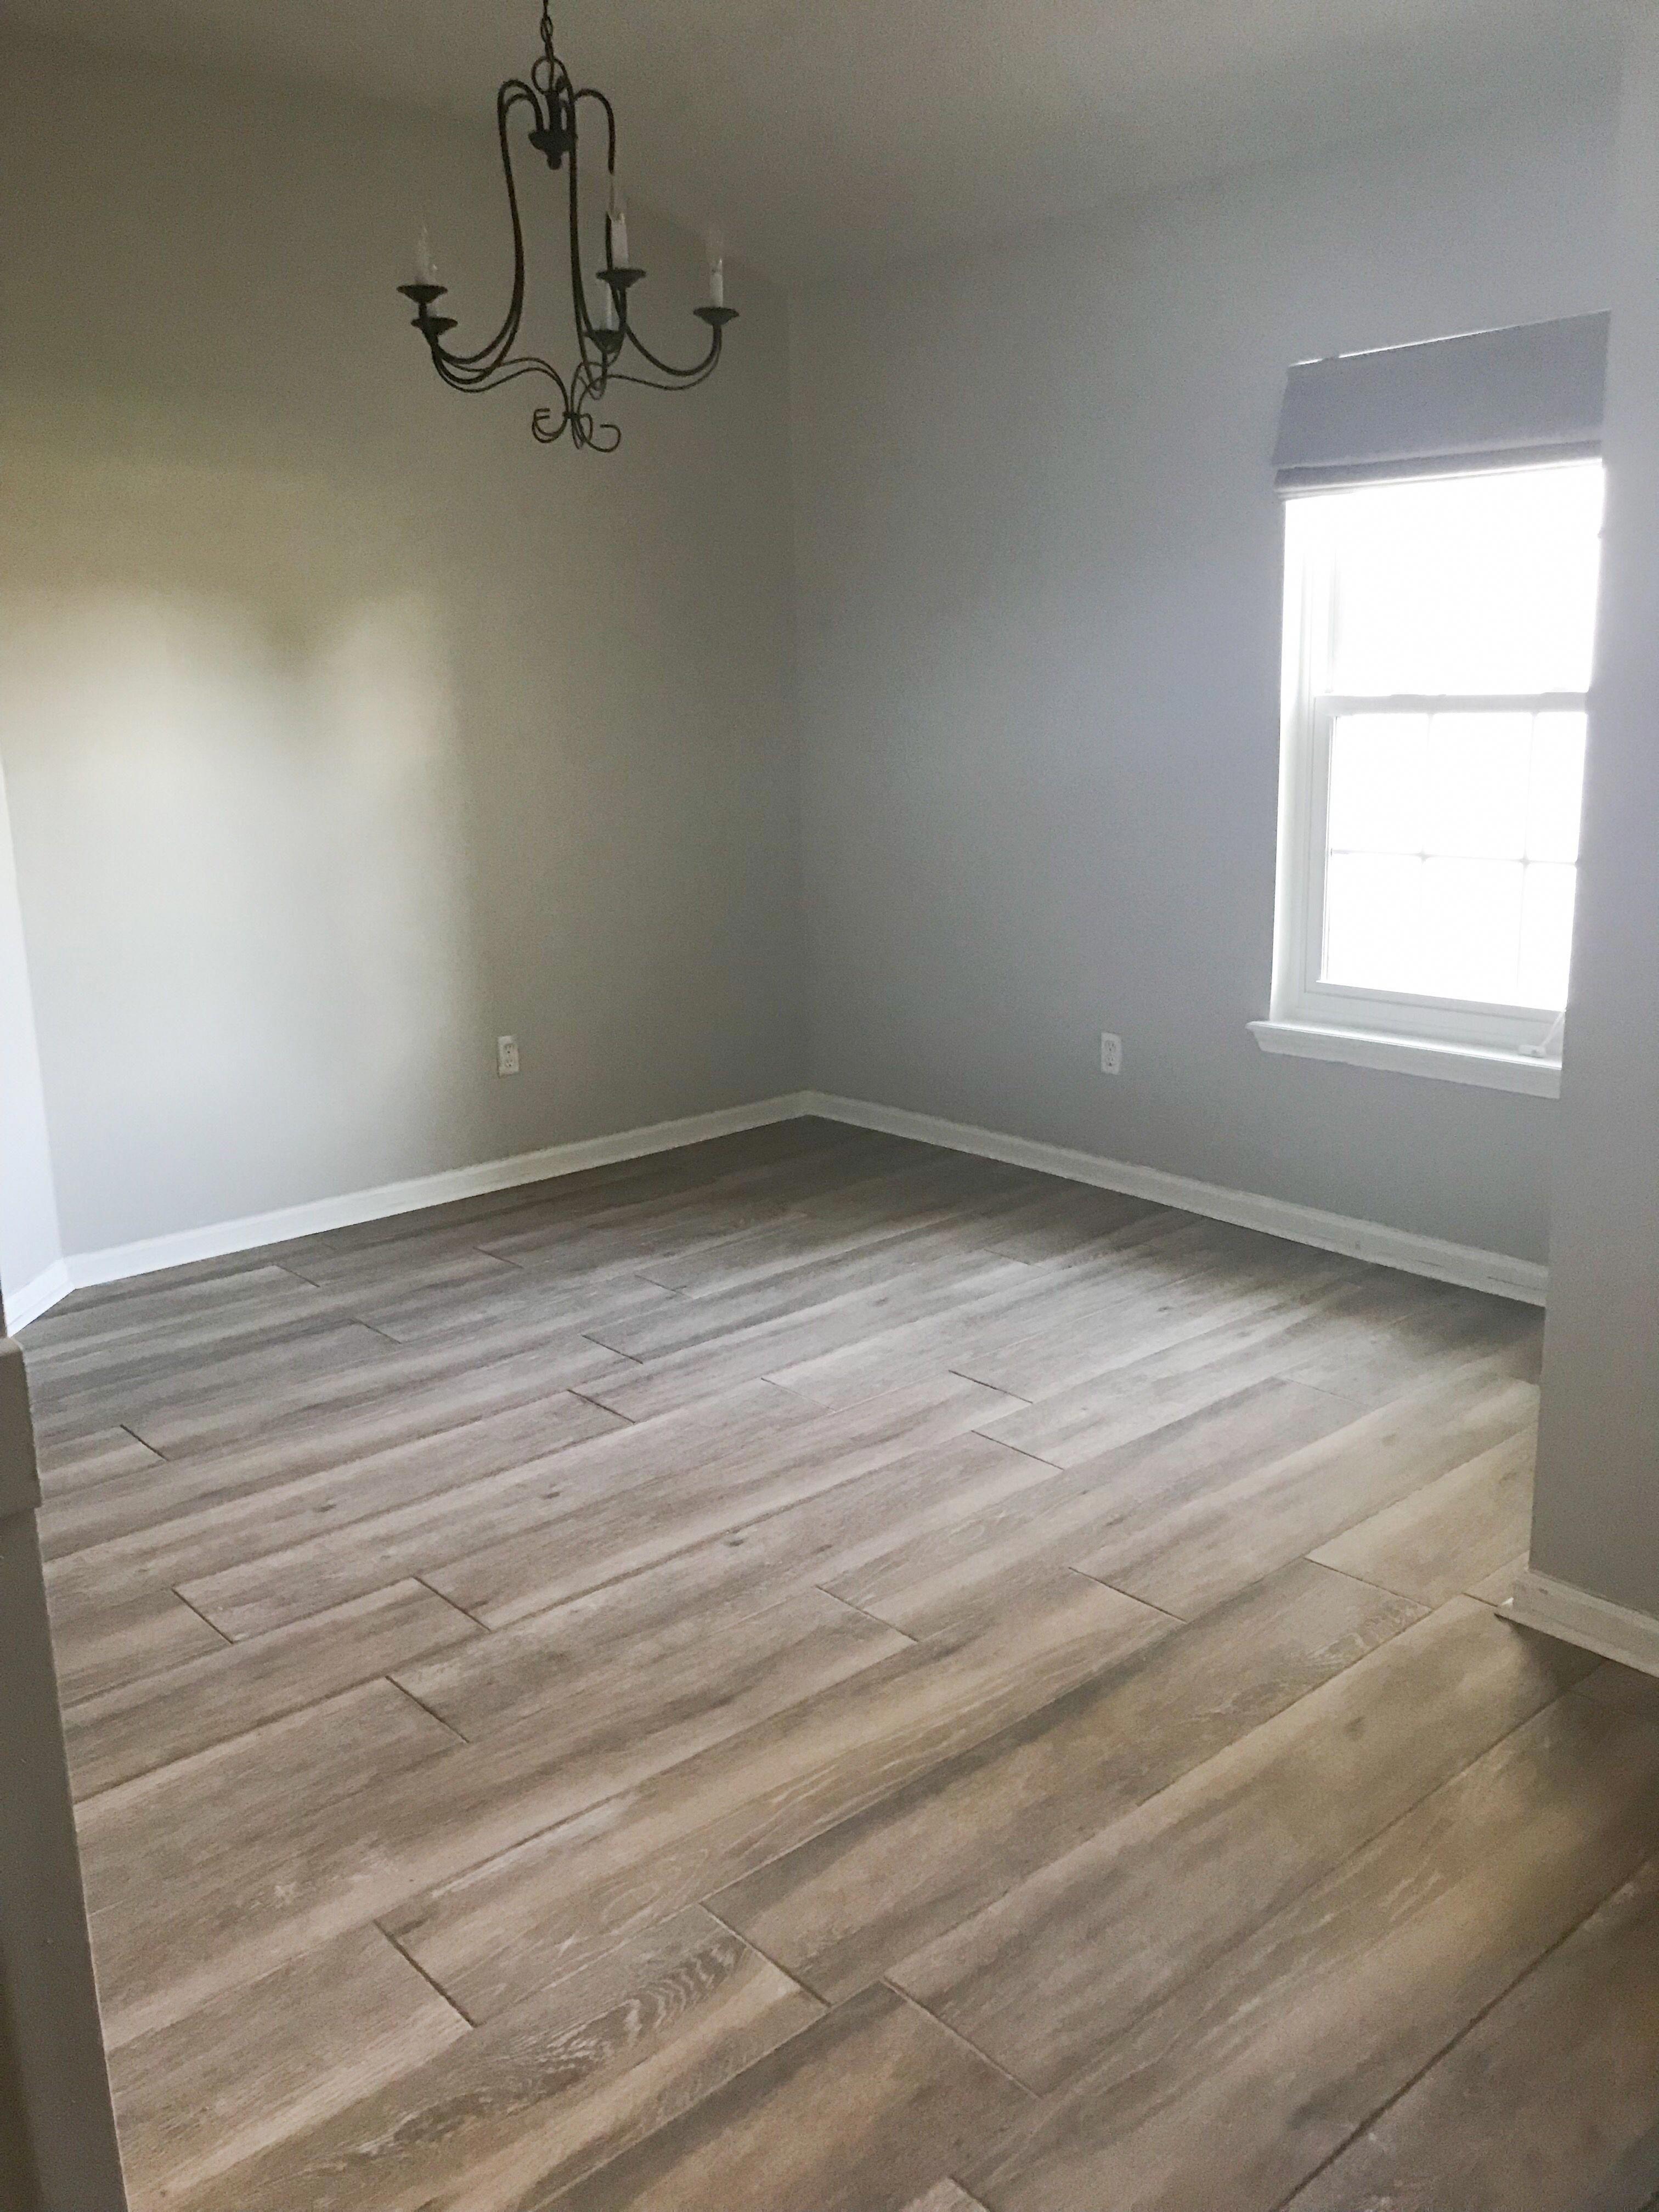 Tile Shop Tile Vs Trackr Floor Tile Spacers Tile Importers Old Home Remodel Home Remodeling Farmhouse Flooring